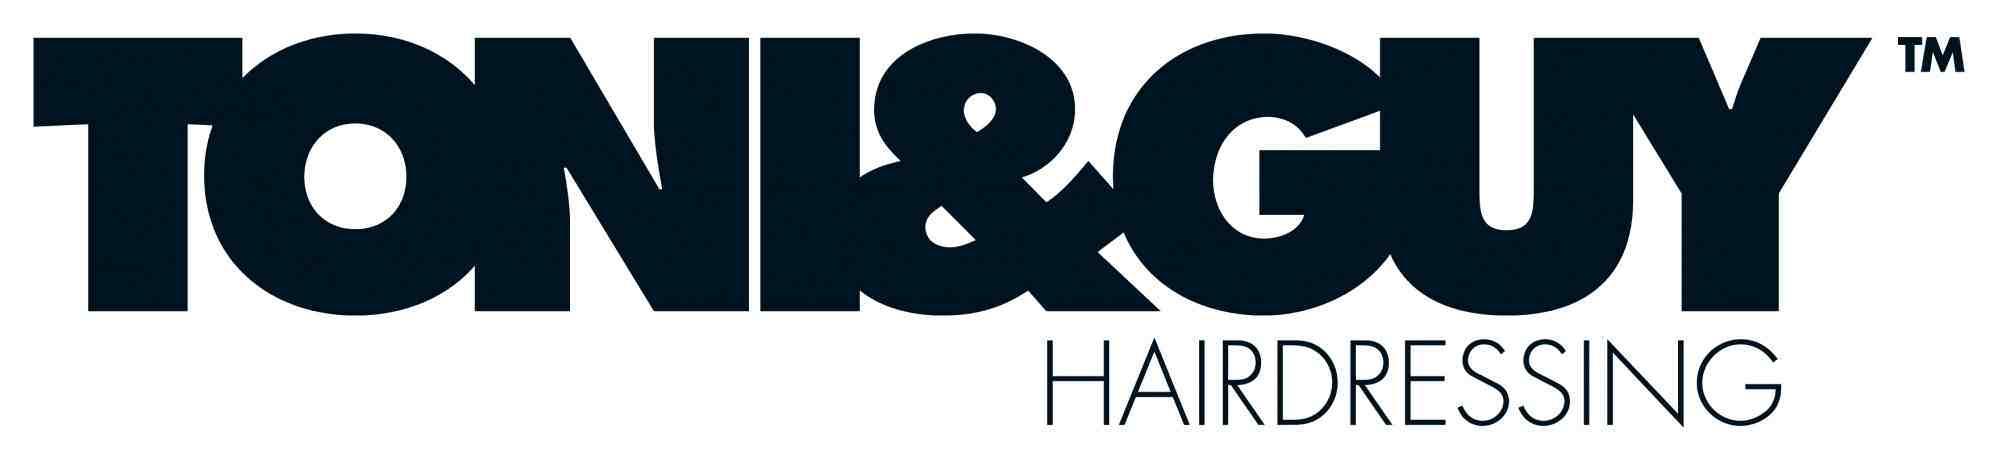 Stylit-TONIGUY-Logo.jpg